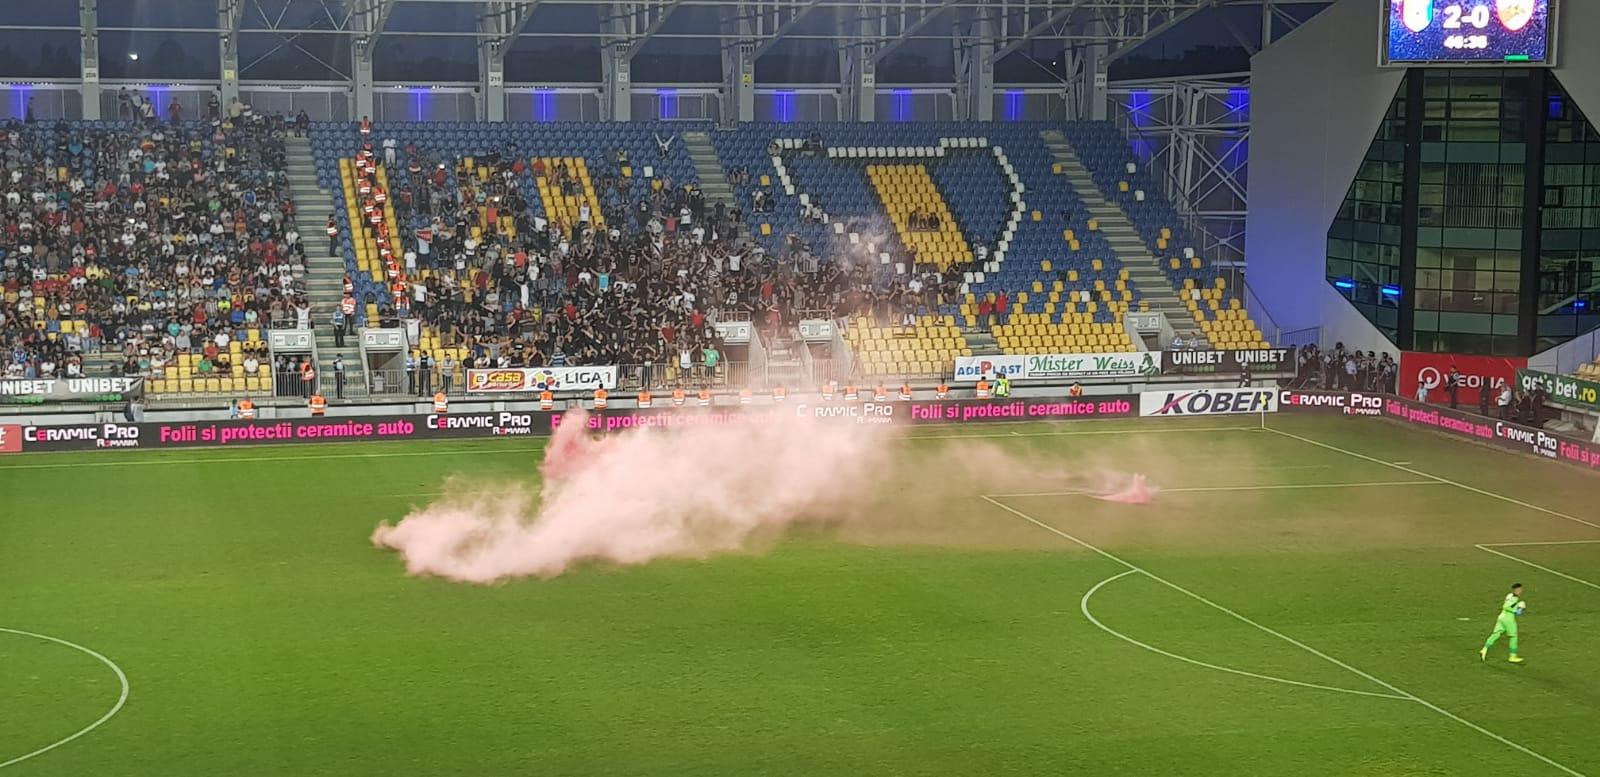 Mobilizare totală! 10.000 de dâmbovițeni vor susține Chindia în meciul cu FCSB!